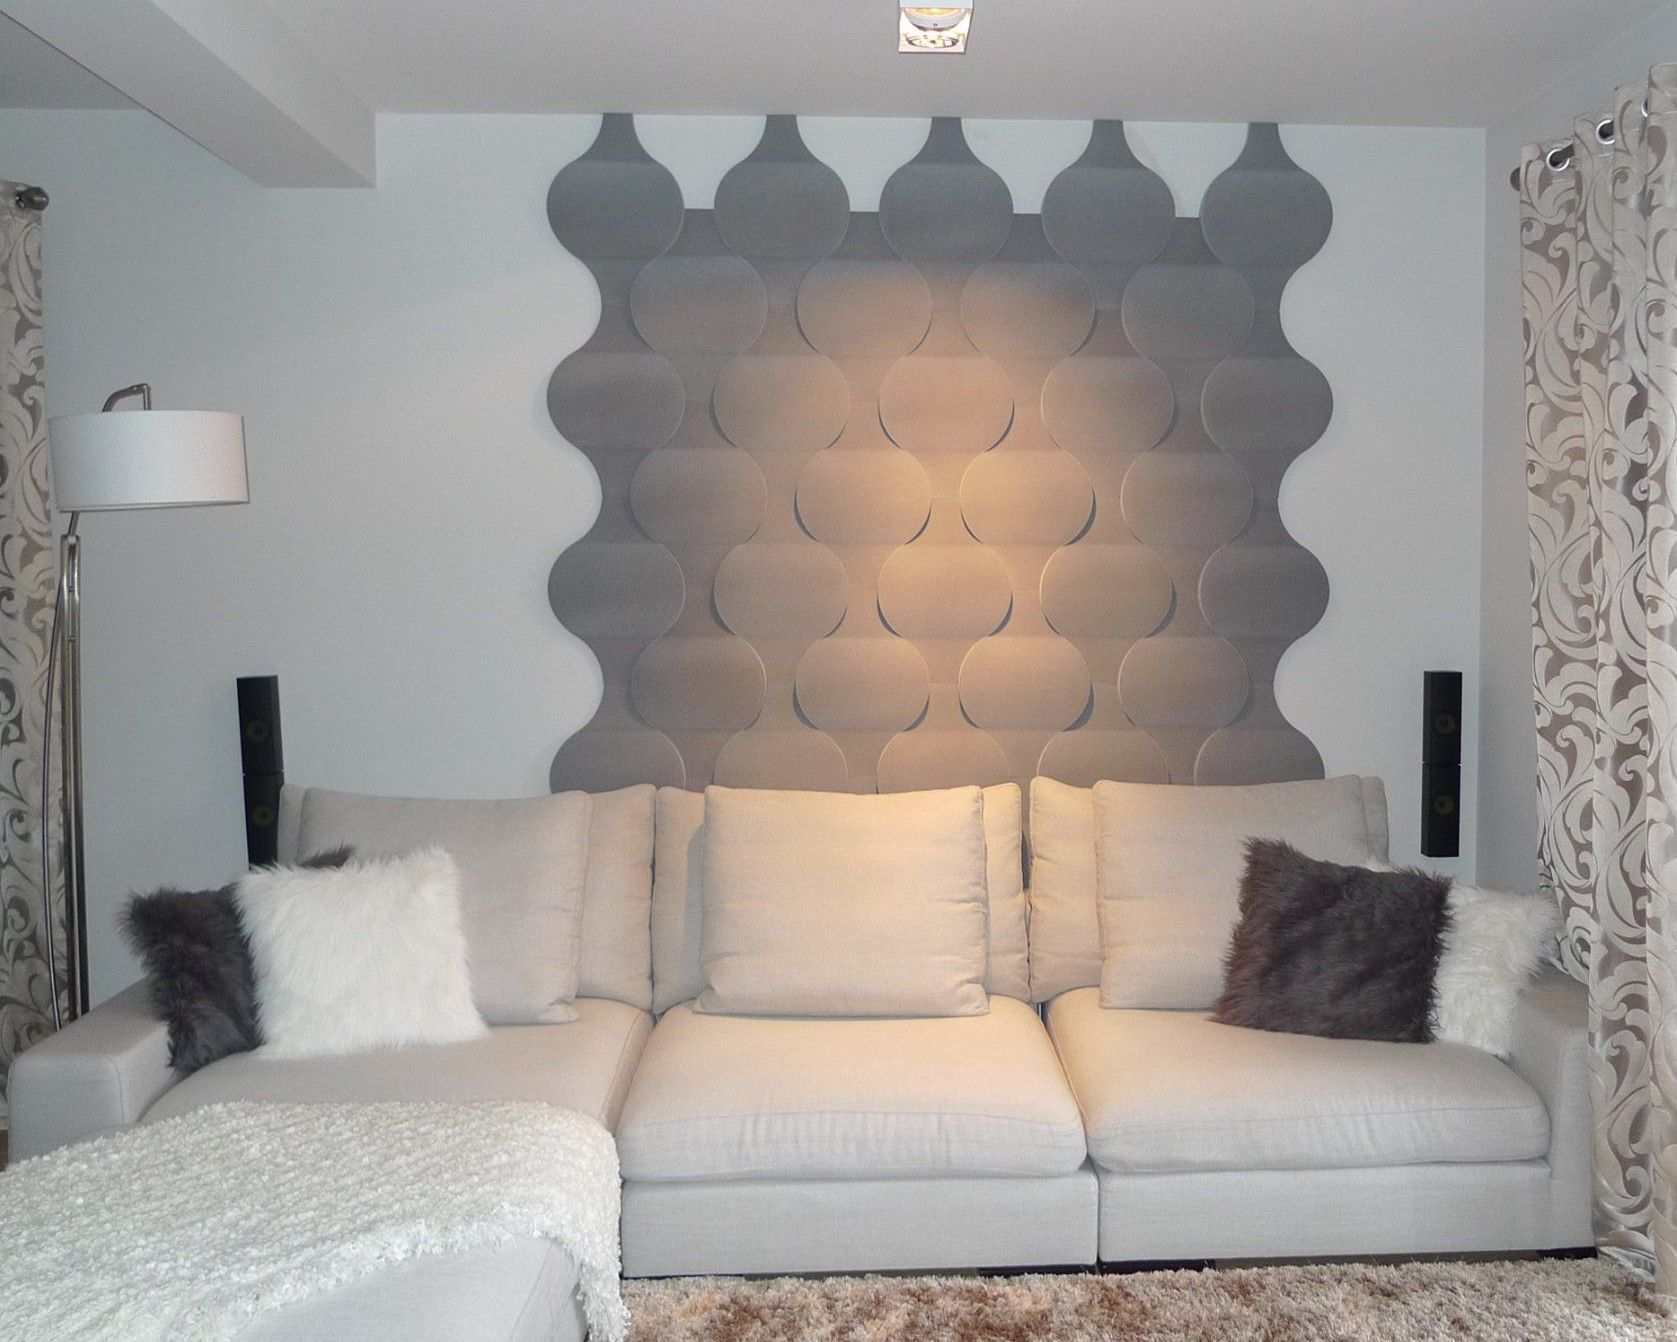 Modernes bungalow innenarchitektur wohnzimmer wohnideen wandgestaltung wohnzimmer  kreative wandgestaltung